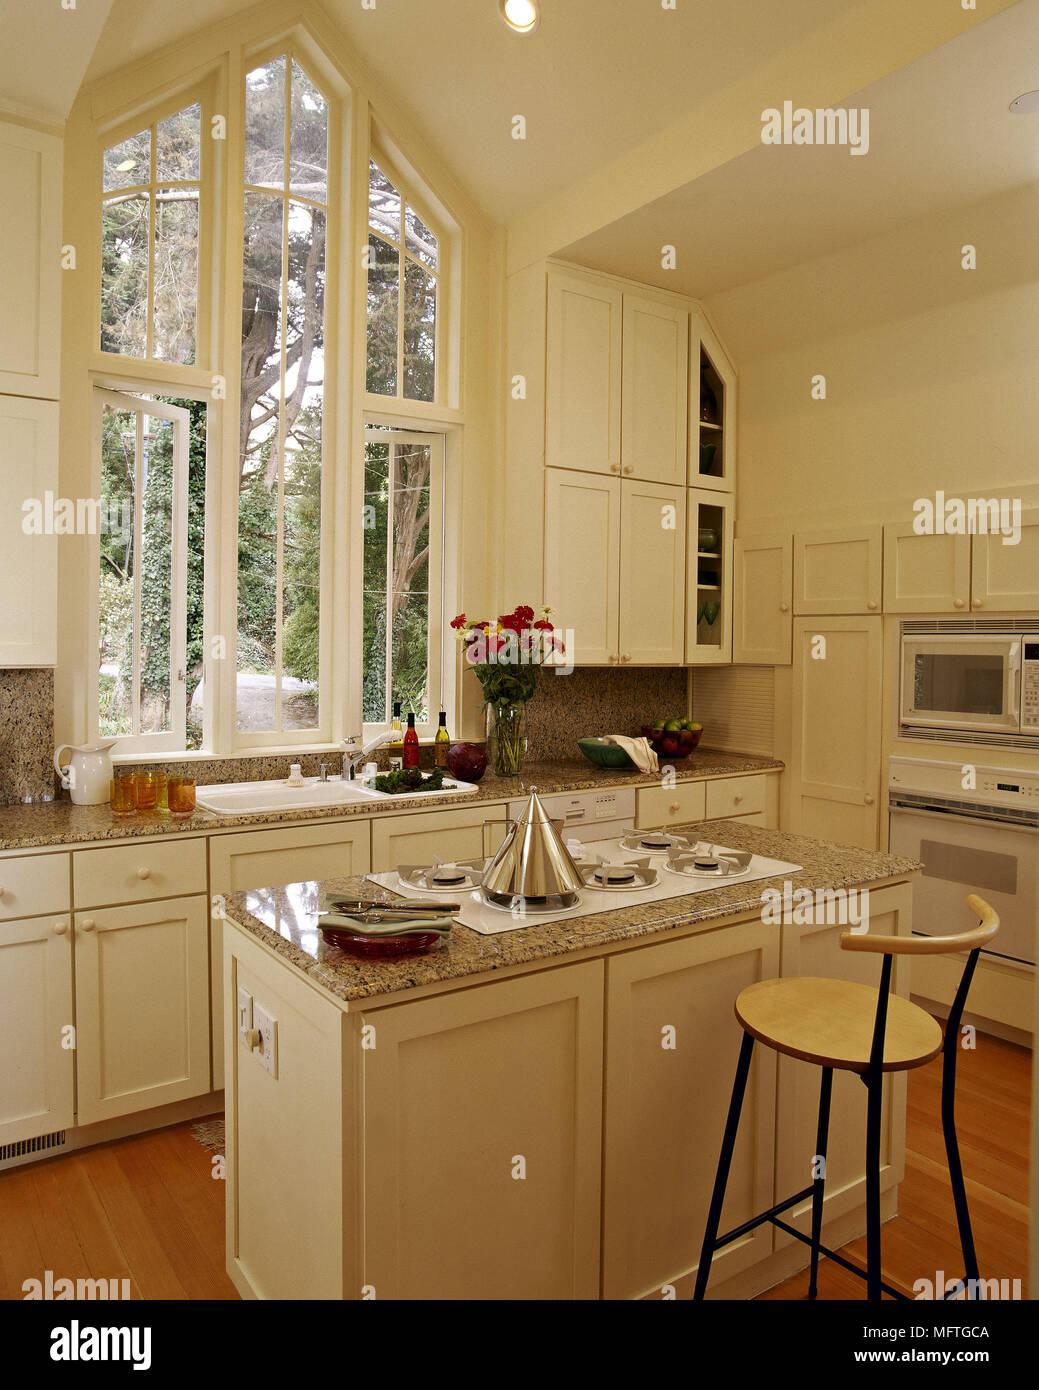 Moderne, Weiße Küche Mit Theke Und Gotischen Fenster